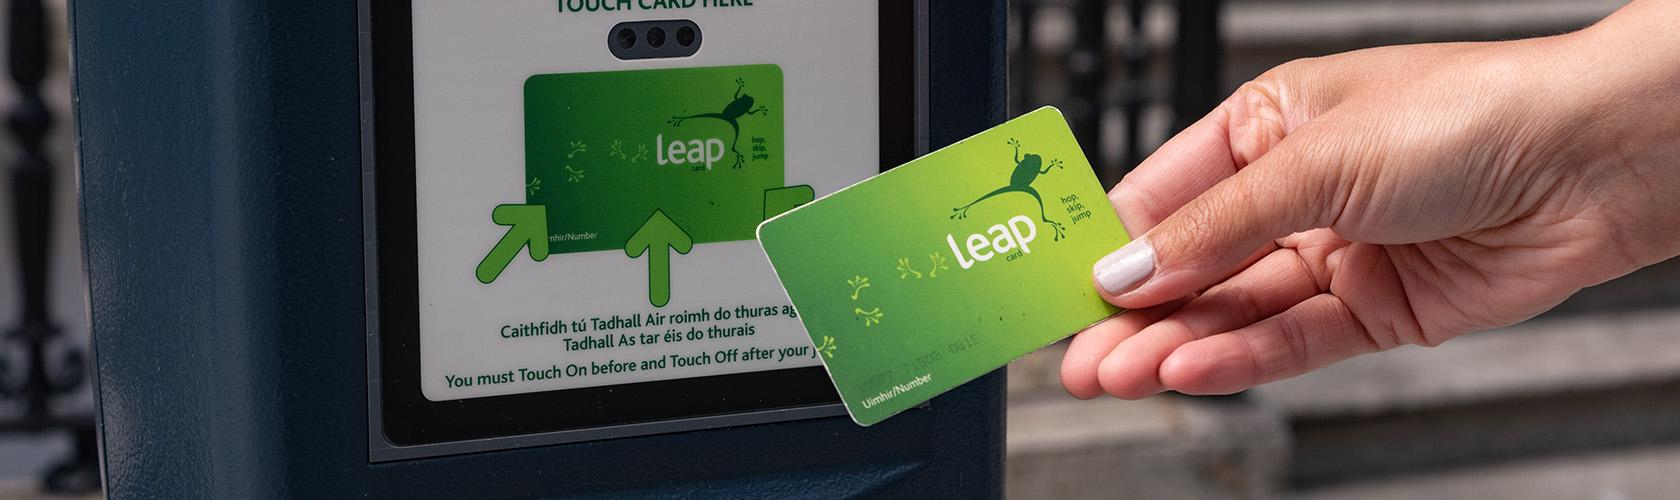 Leap Card – de OV chipkaart van Dublin